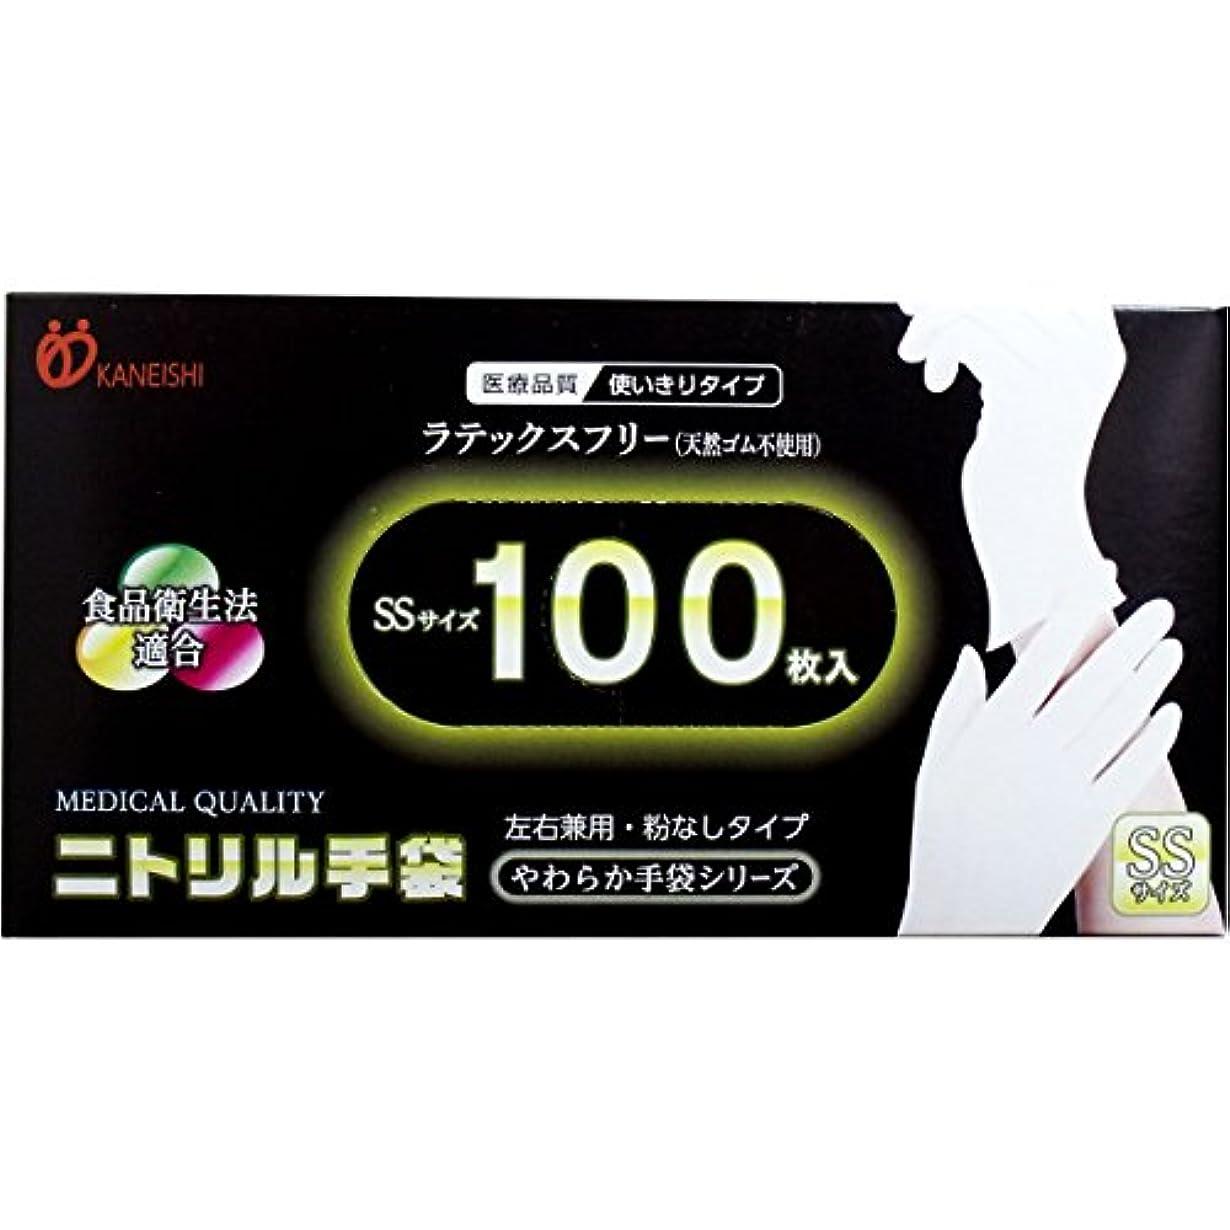 仮定ひねり振るう[9月26日まで特価]やわらかニトリル手袋 パウダーフリー 100枚入 SSサイズ ×5個セット(管理番号 4956525001090)